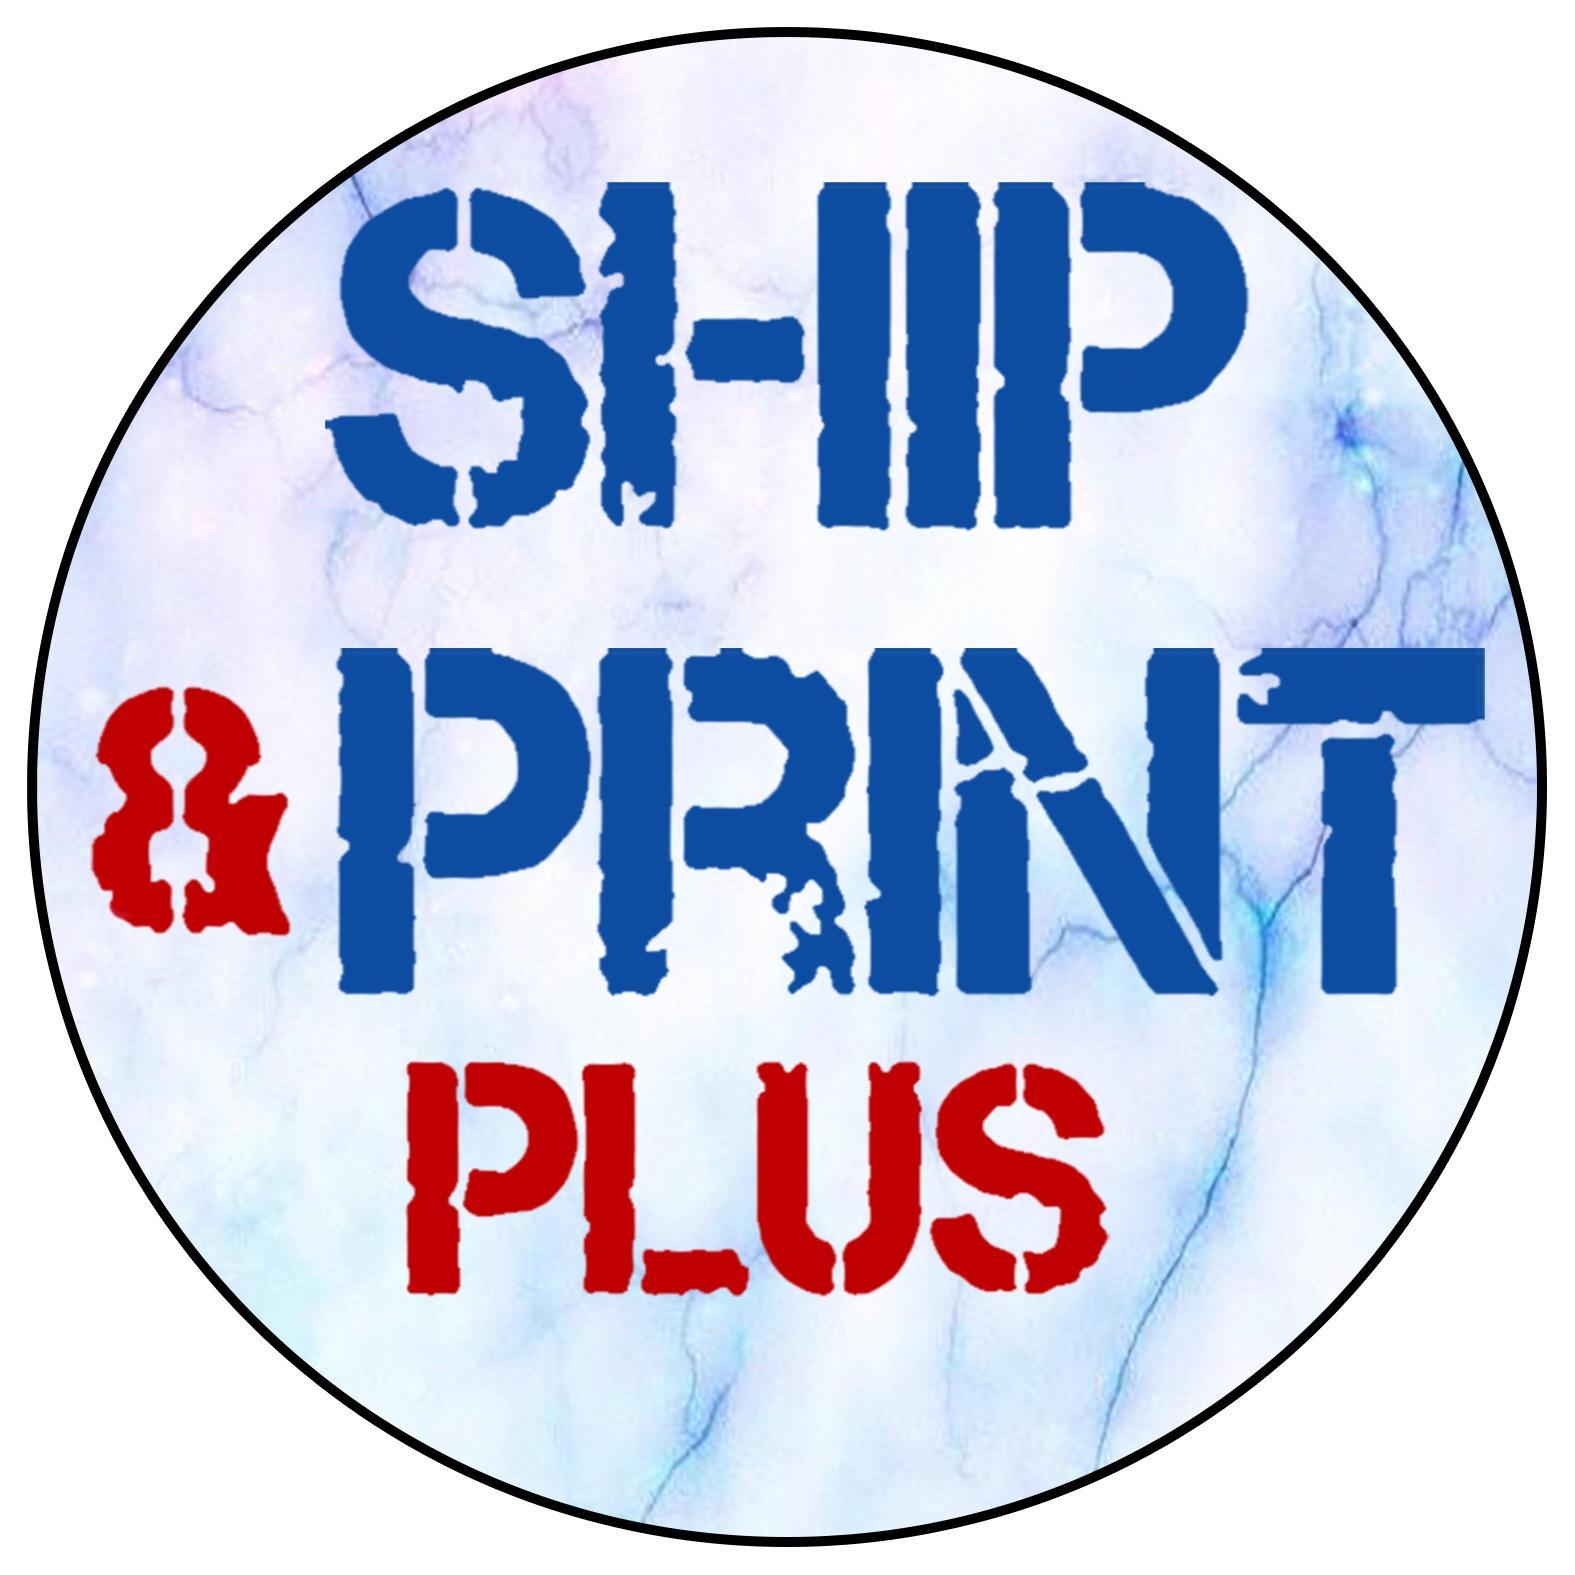 Ship & Print Plus